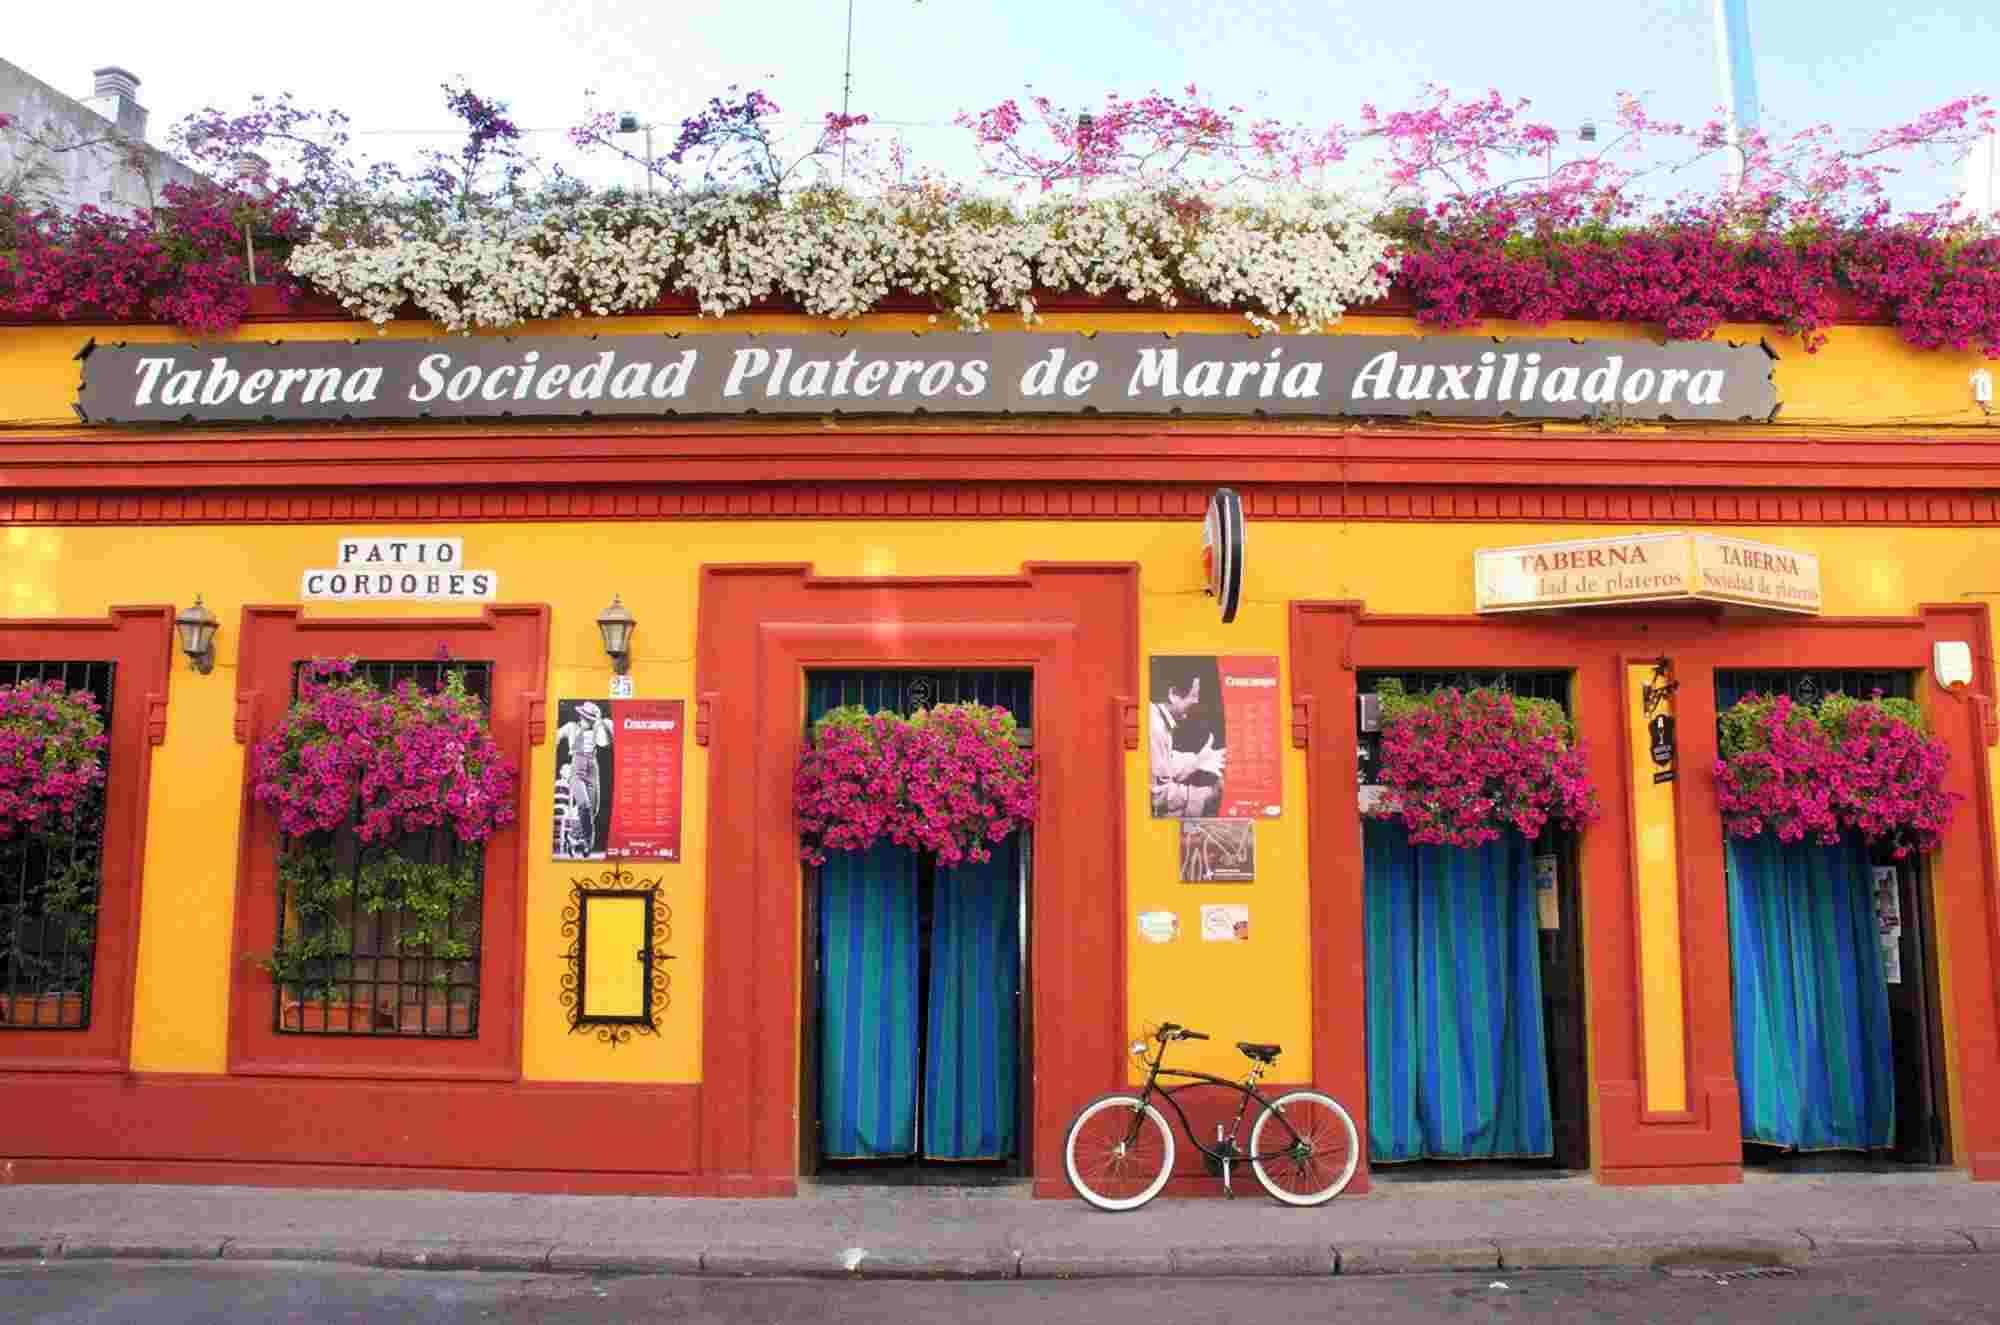 Fachada Restaurantes en Cordoba Sociedad Plateros Maria Auxiliadora con patio cordobes y arcos de la mezquita